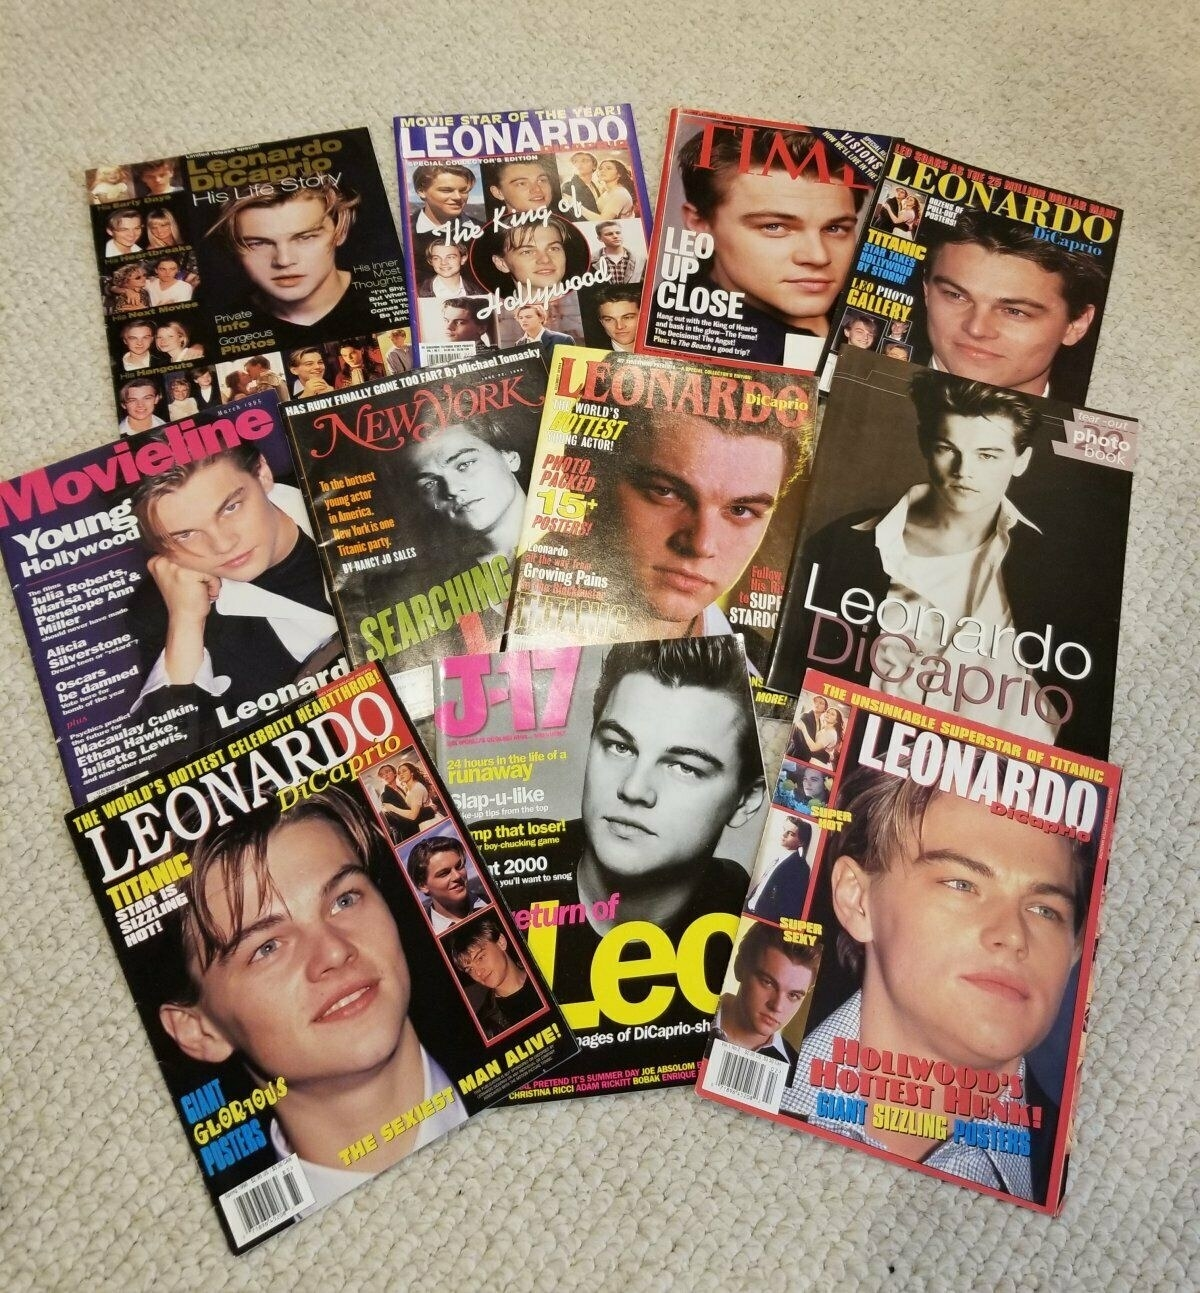 A pile of Leonardo DiCaprio magazines